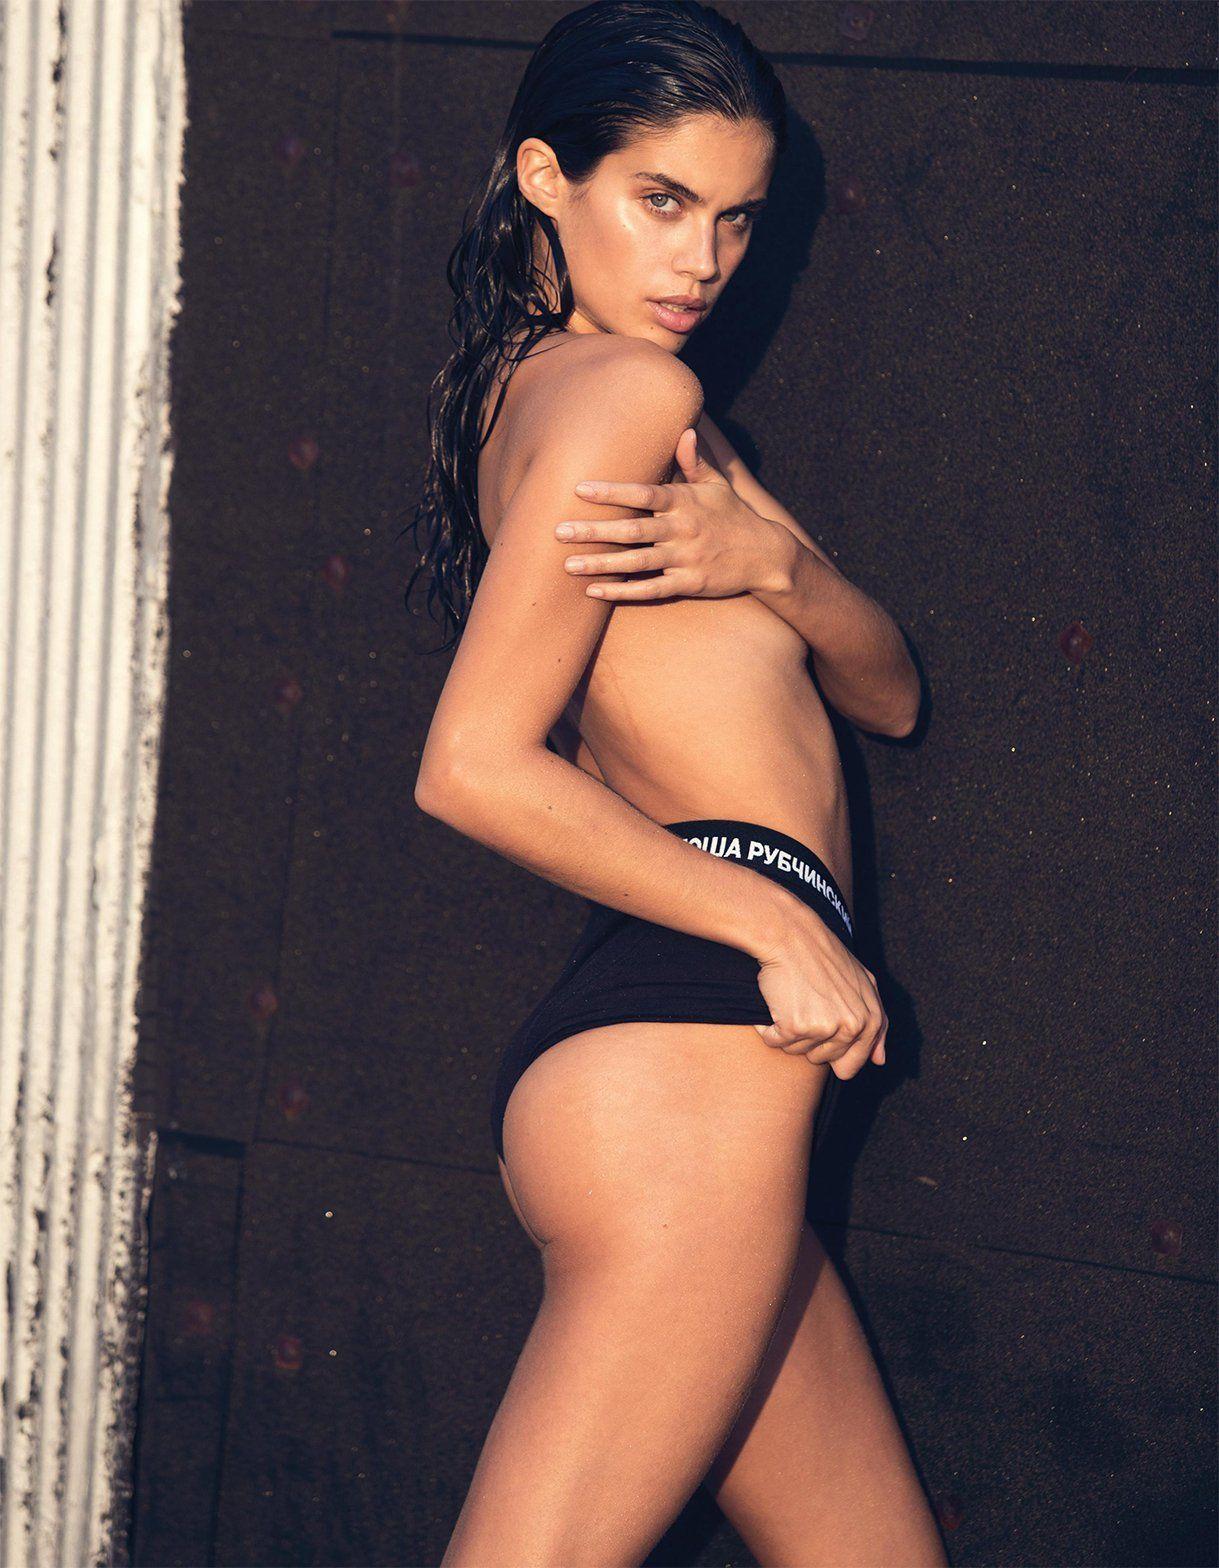 Claudia romani jessica edstrom sexy images